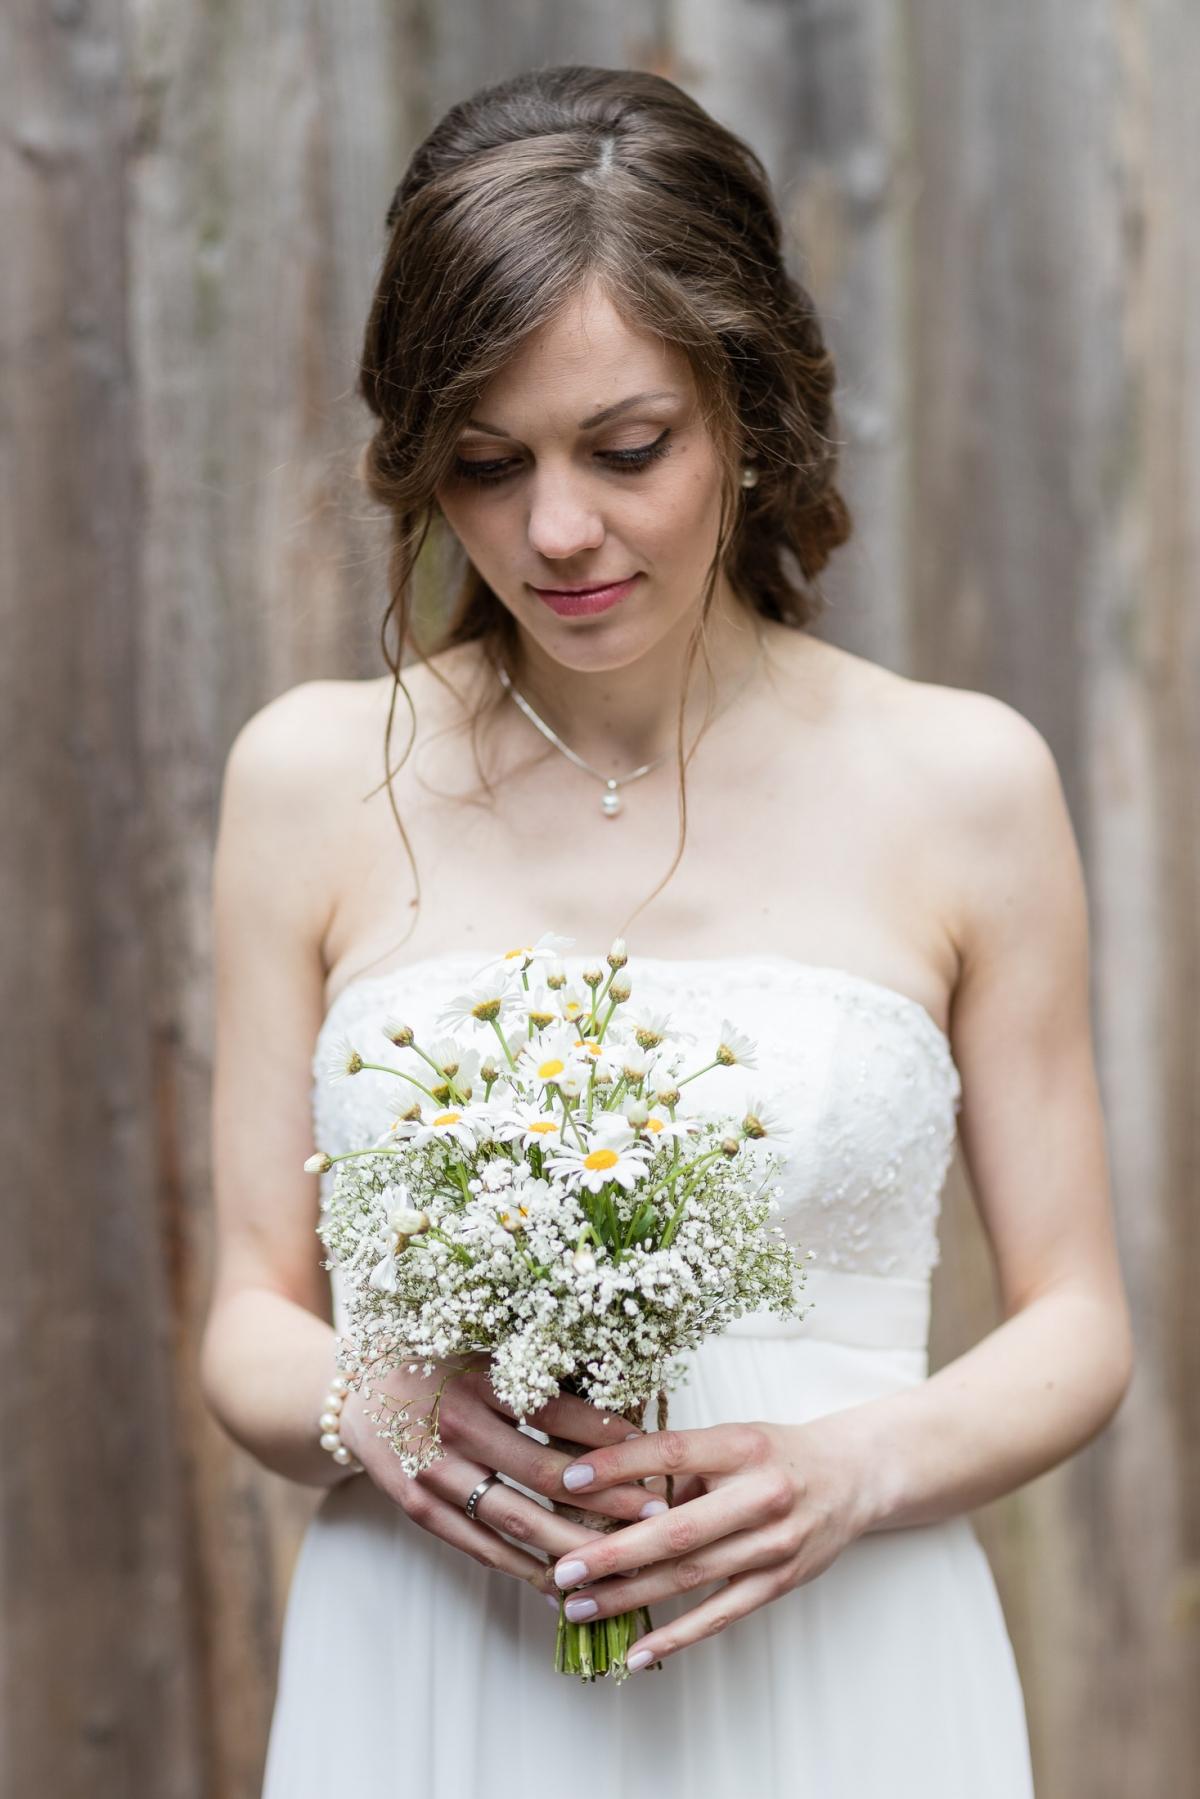 Hochzeitsfotoshooting mit der Braut